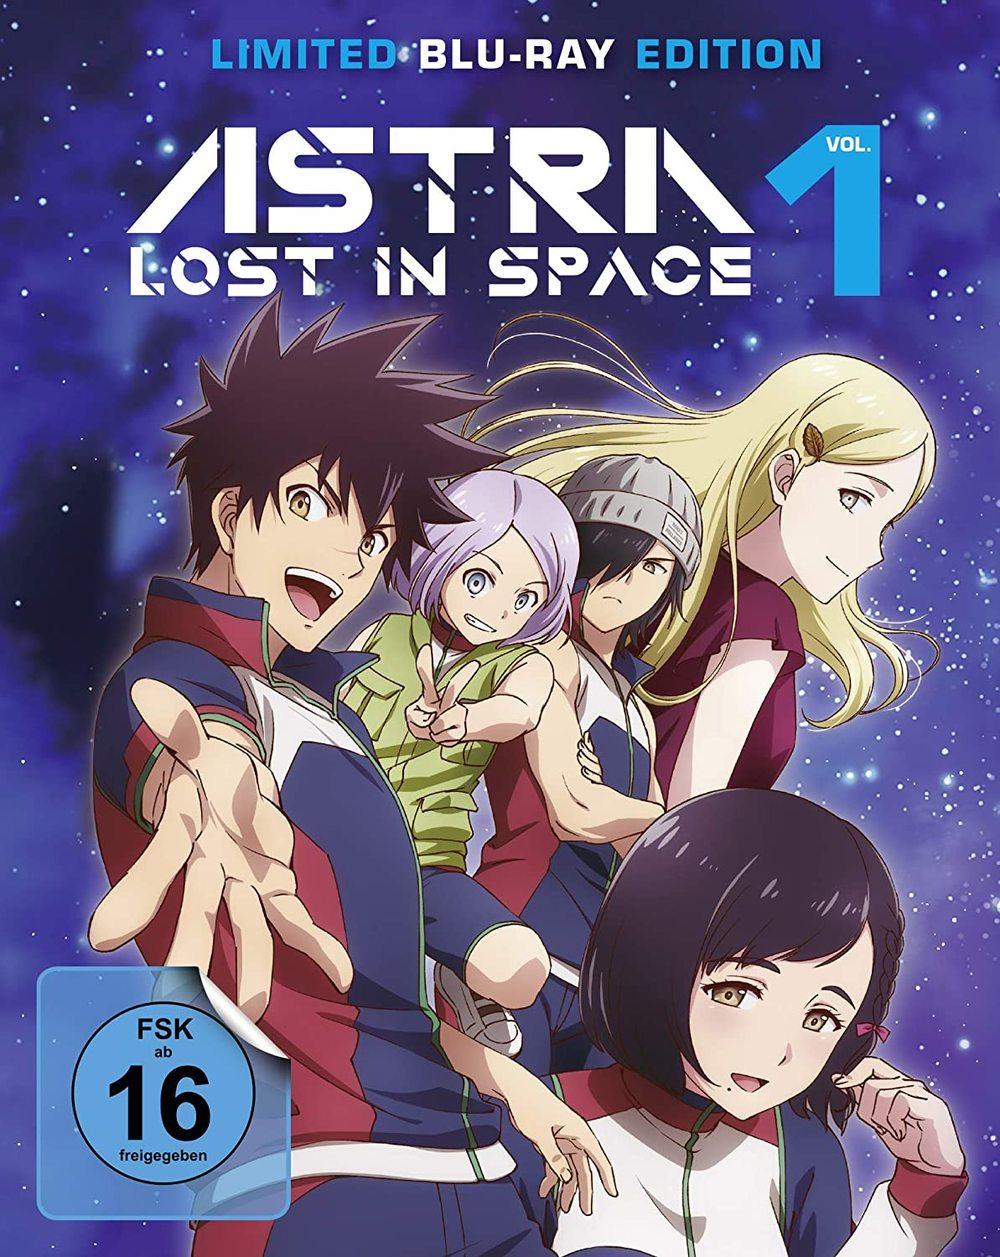 """Fans von Sci-Fi-Animes aufgepasst: Wir verlosen """"Astra Lost in Space - Vol. 1 - Limited Edition"""" auf BD"""